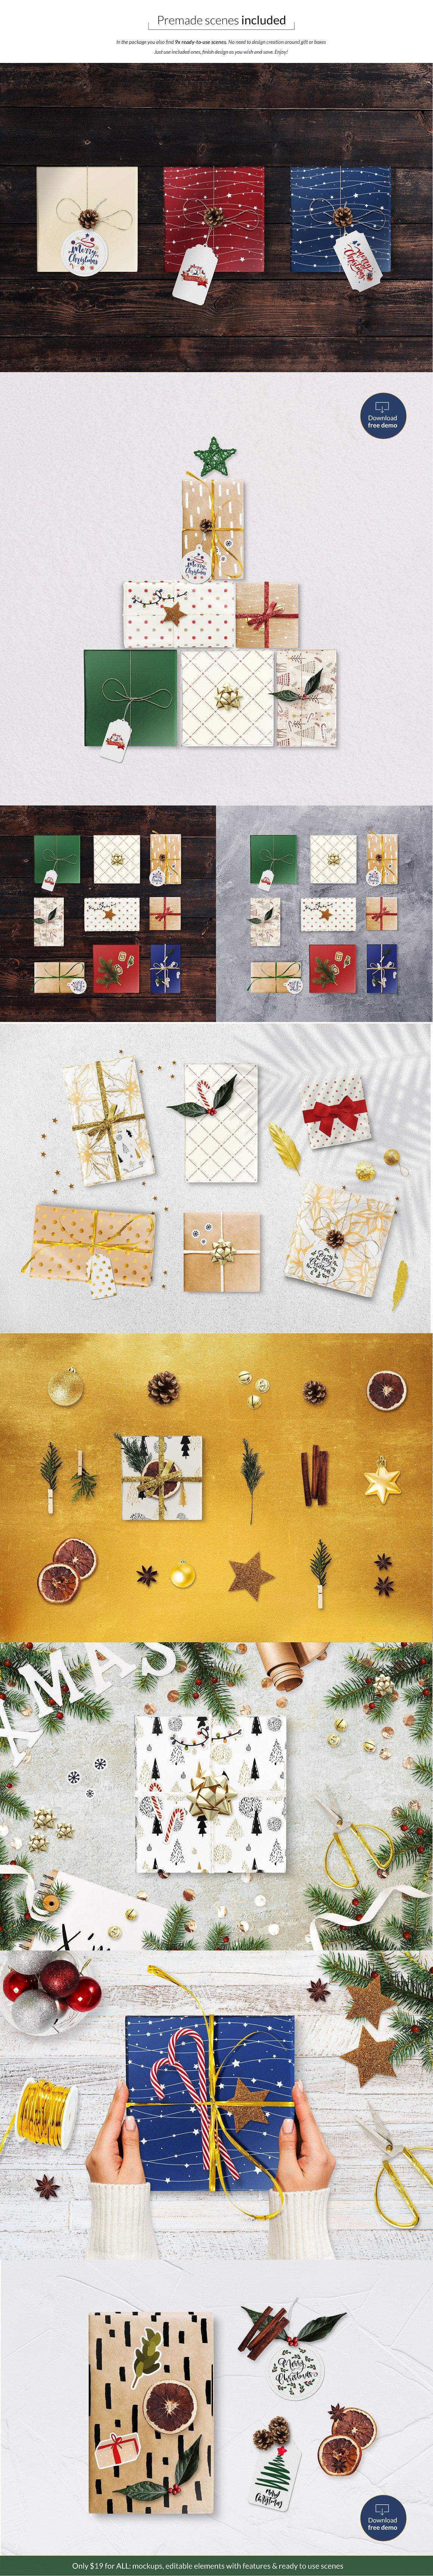 圣诞礼物模型元素合集